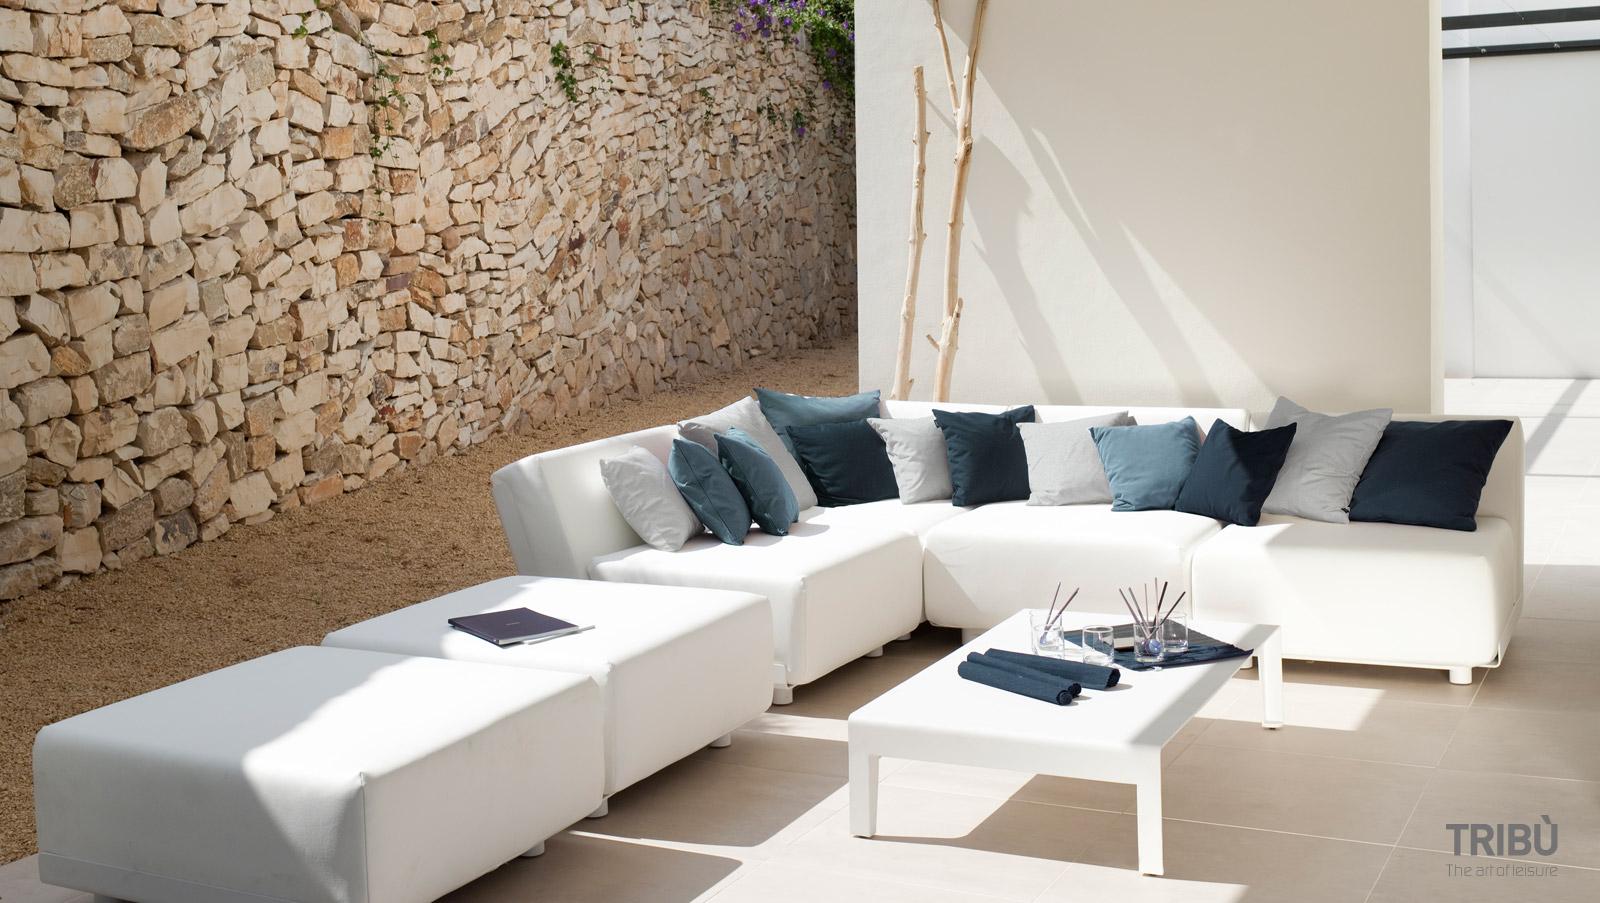 Outdoormöbel | Pfaff Interior & Design